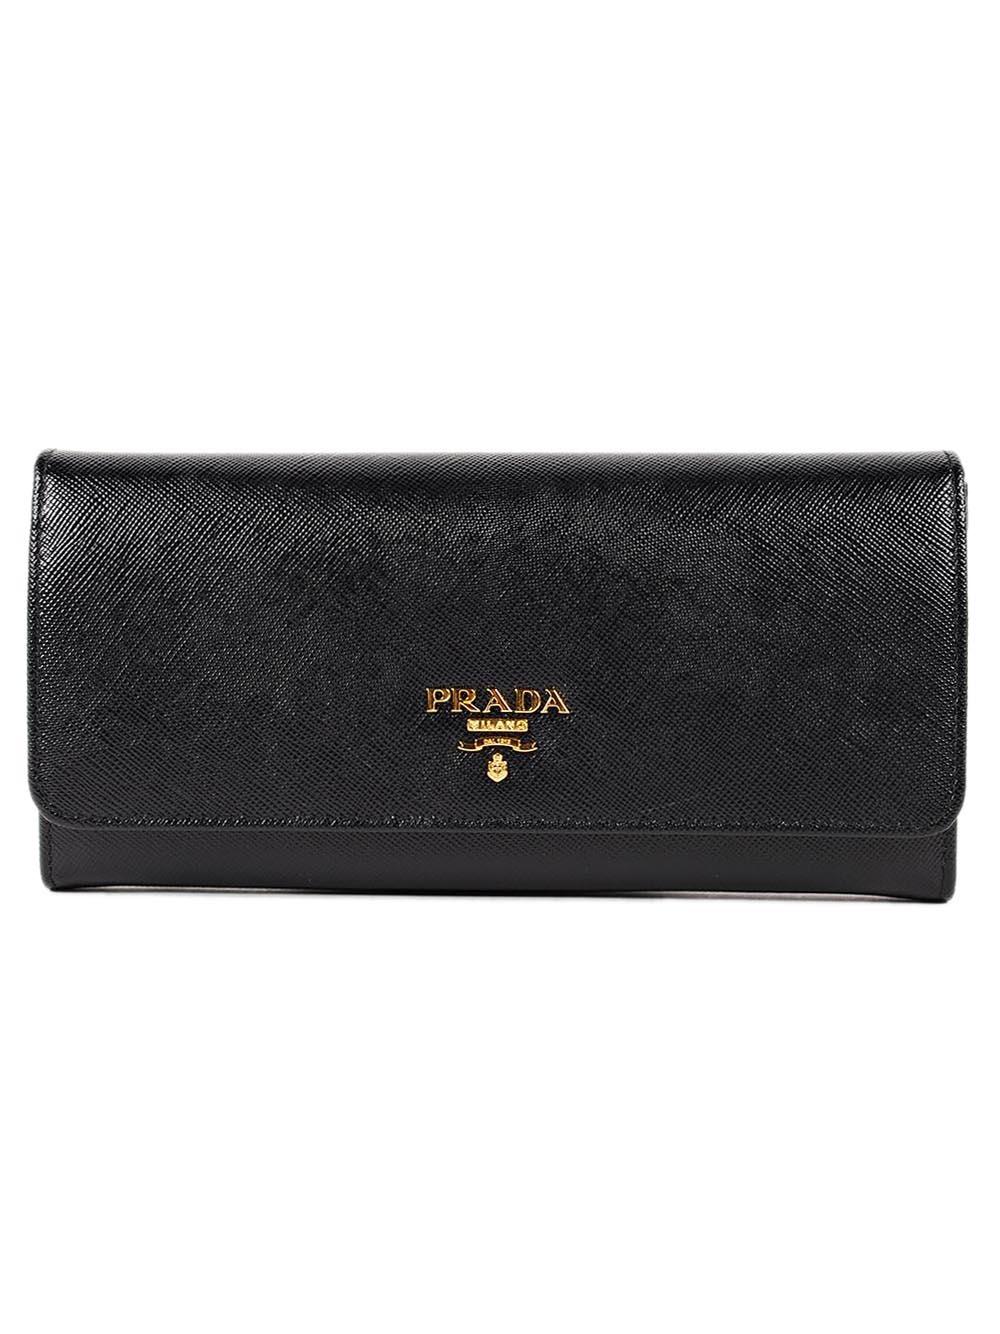 6757f16e132d Prada Prada Saffiano Continental Wallet - Nero - 10956875 | italist